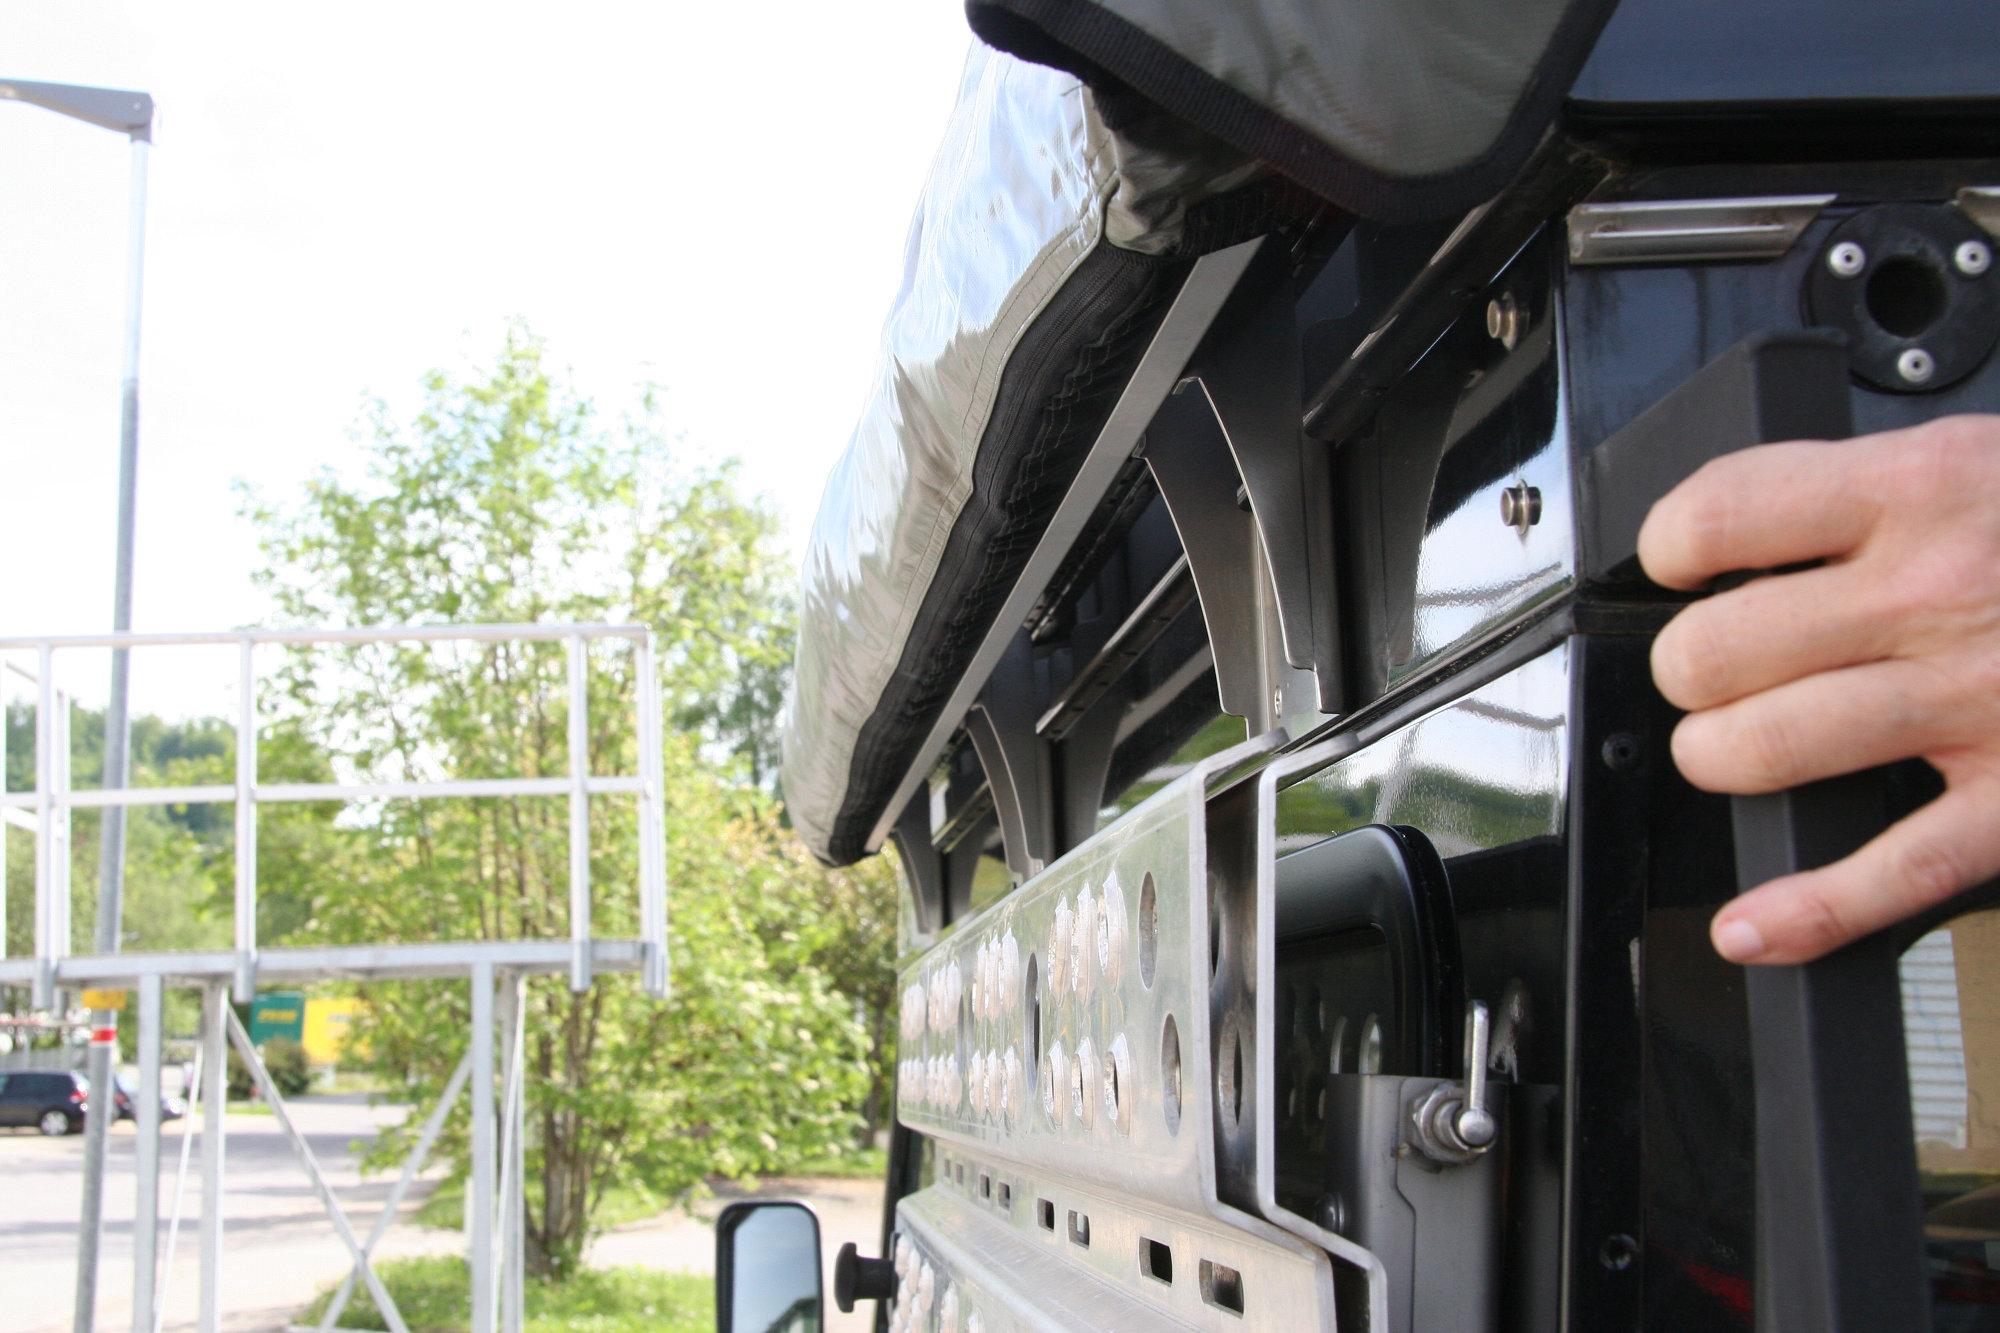 Halterungssatz für Foxwing-Markise Land Rover Defender.000